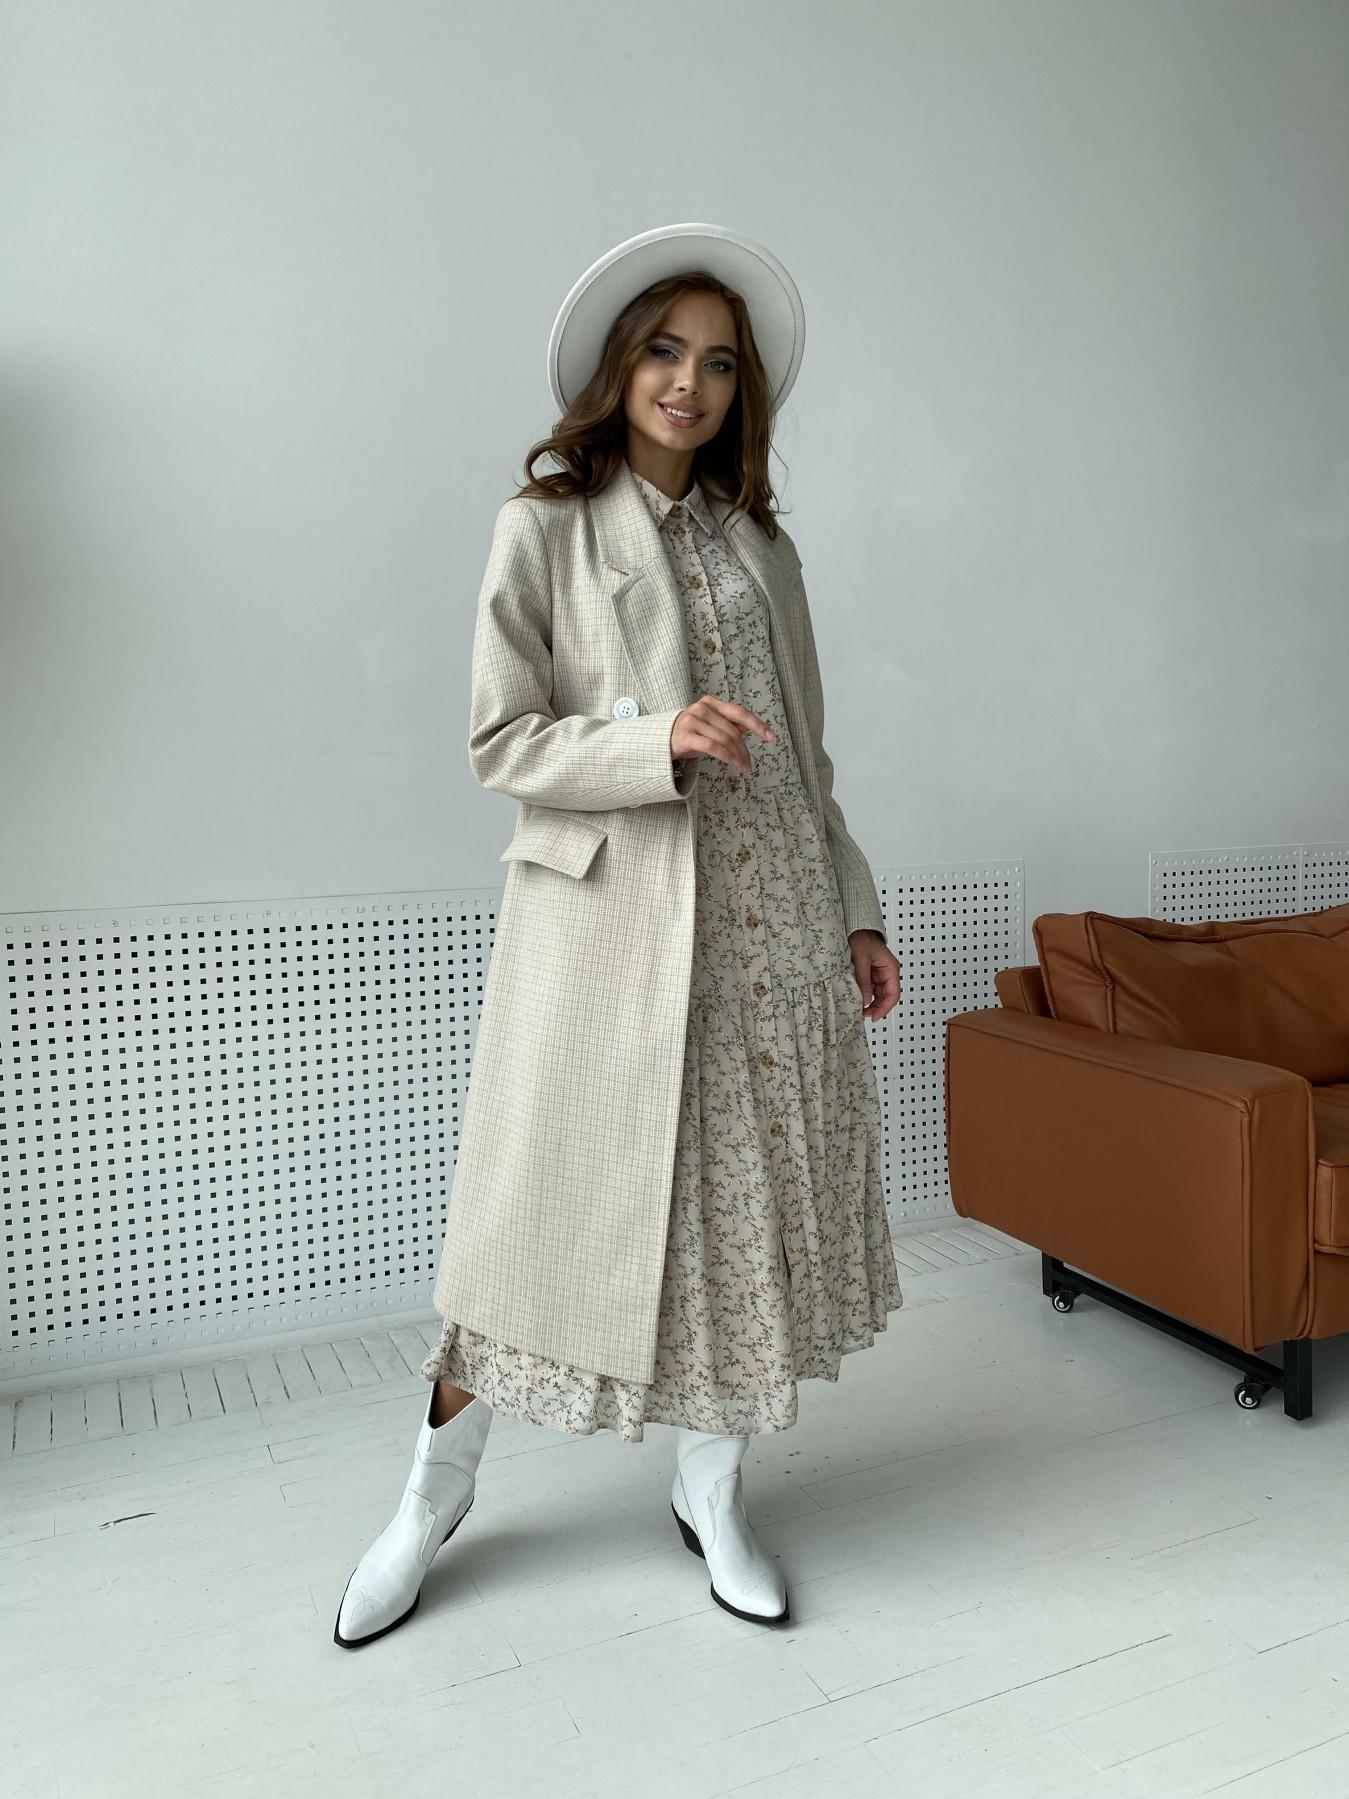 Статус пальто из тонкого кашемира в клетку 11780 АРТ. 48520 Цвет: Бежевый/молоко/КлетМел - фото 7, интернет магазин tm-modus.ru